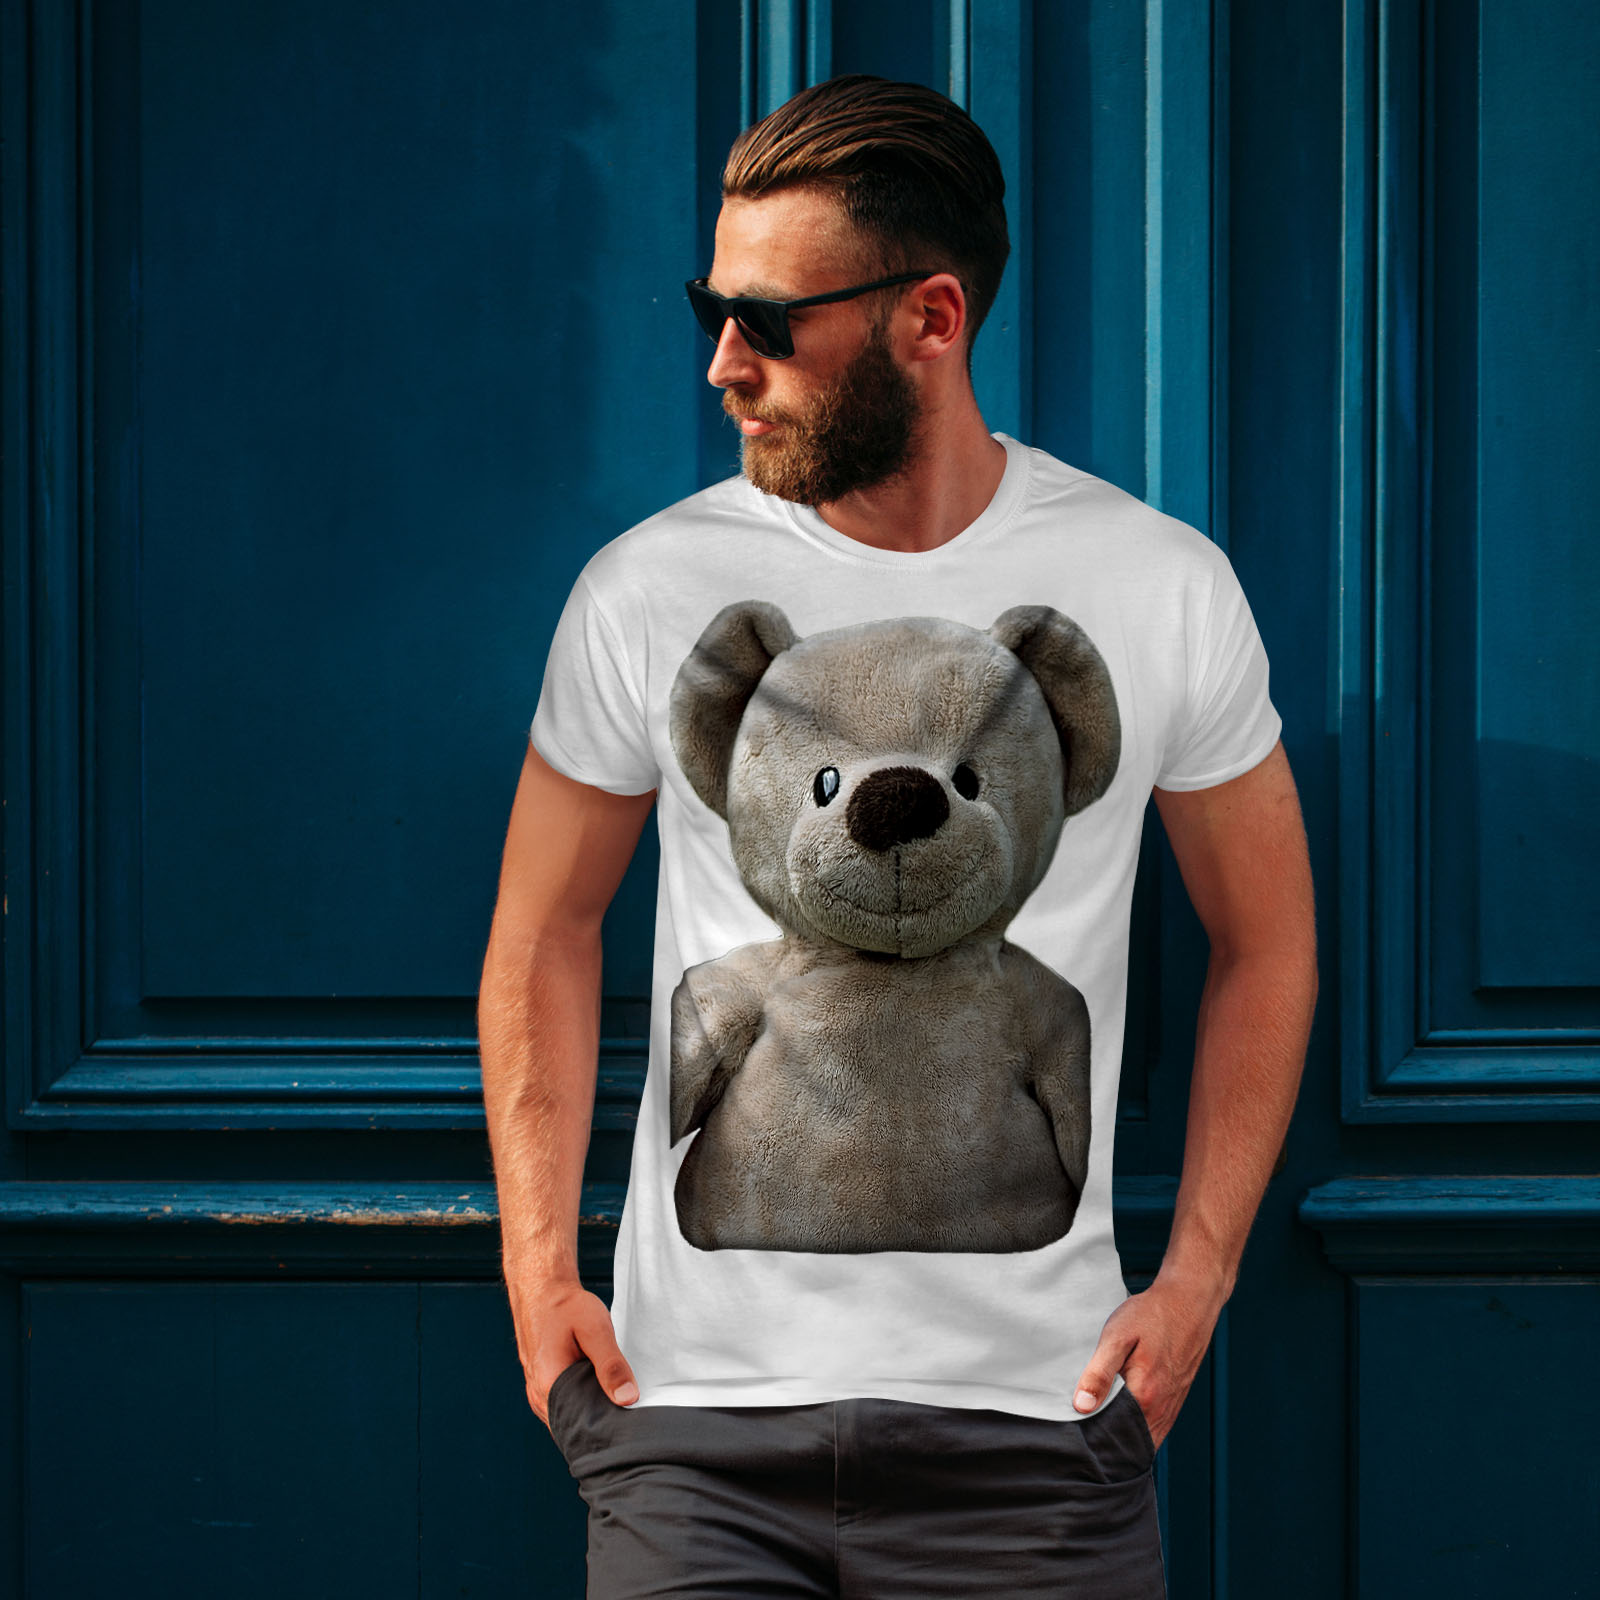 miniature 10 - Wellcoda Cute Plush Mens T-shirt, Teddy Bear Graphic Design Printed Tee